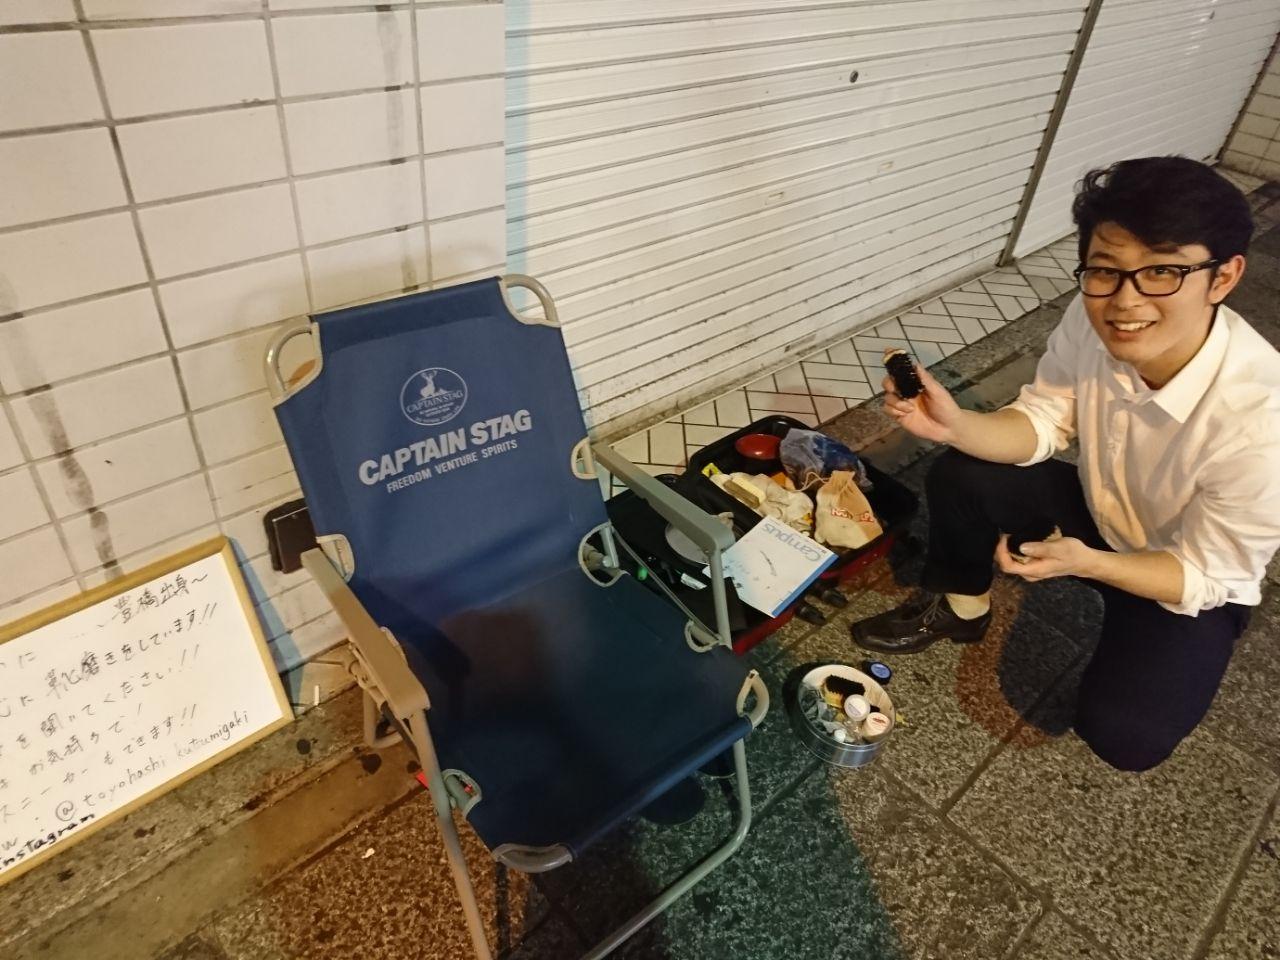 豊橋市】豊橋駅前の路上で靴磨きをしている方をご存知でしょうか